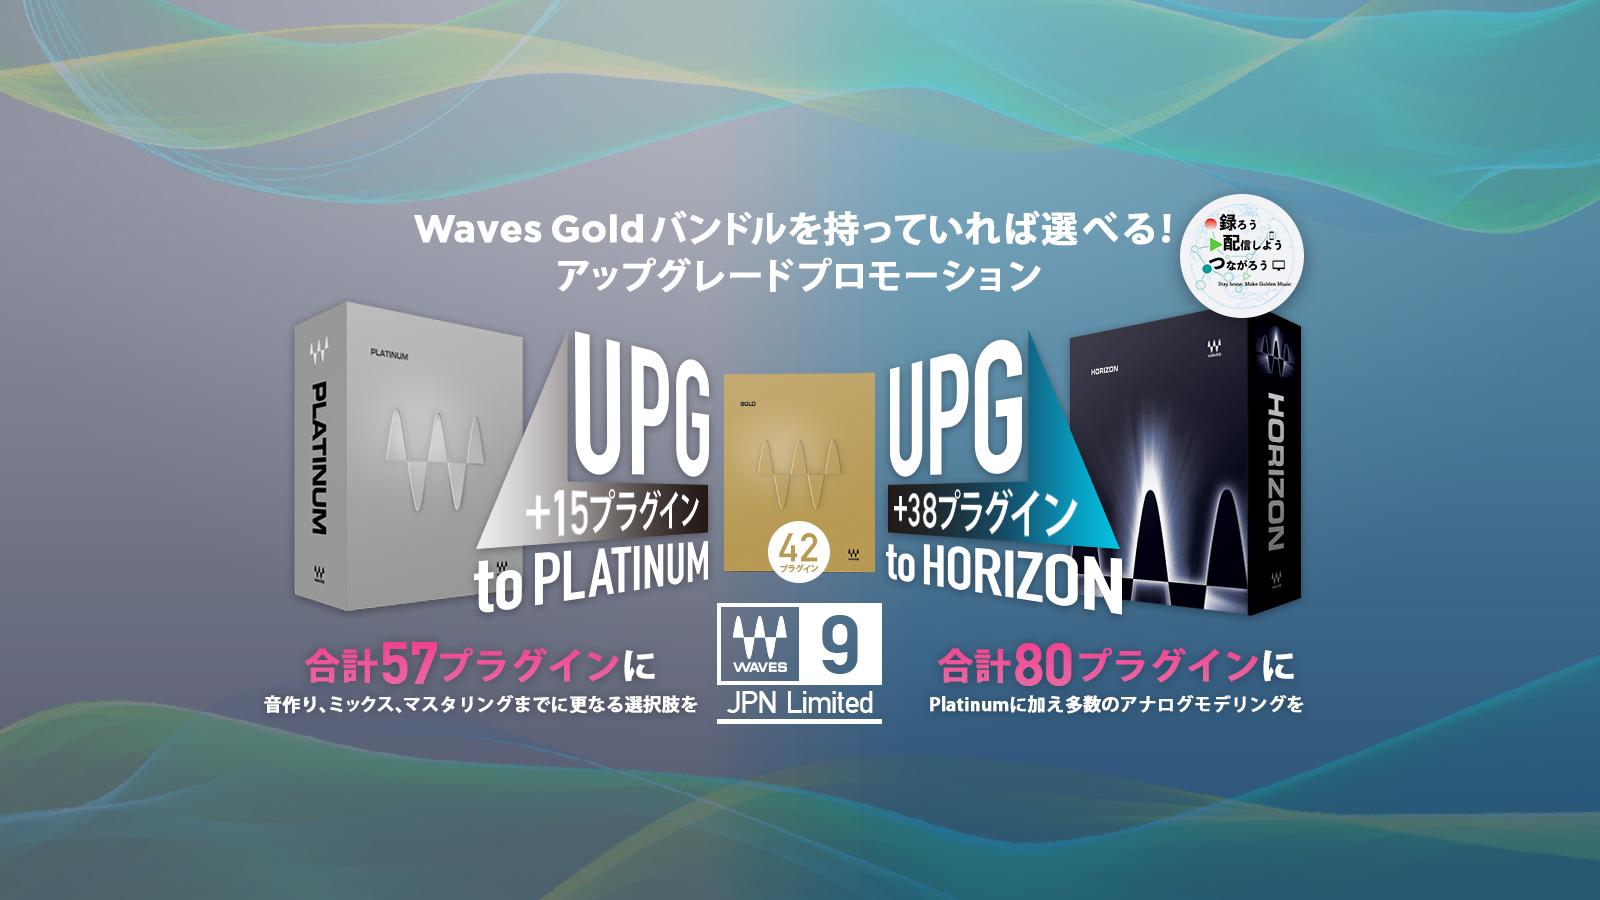 Waves Gold バンドルを持っていれば選べる!アップグレードプロモーション